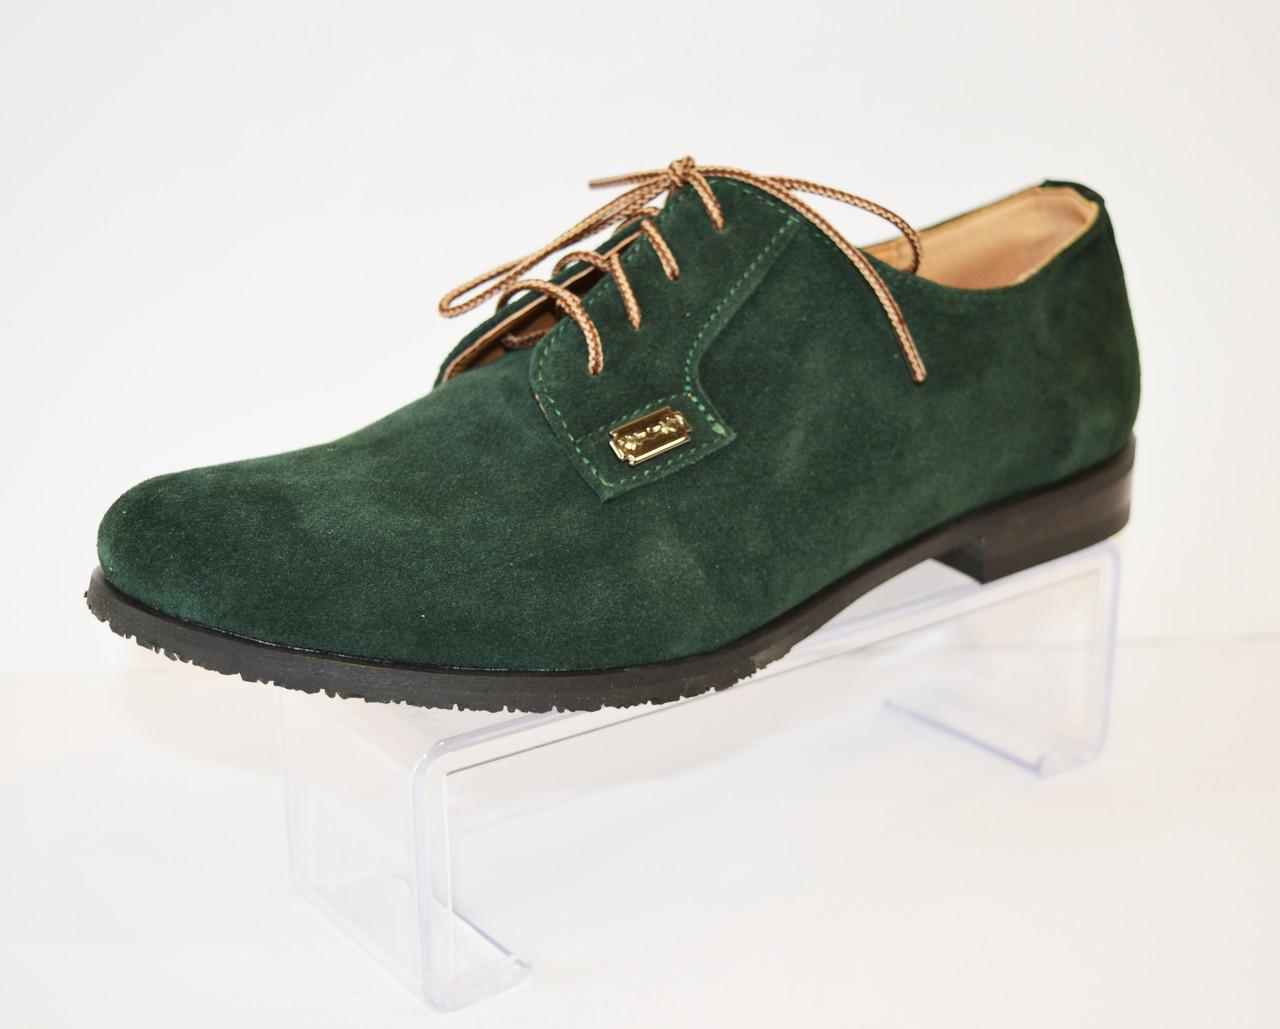 Женские зеленые замшевые туфли Kento 1063 - КРЕЩАТИК - интернет магазин обуви в Александрии